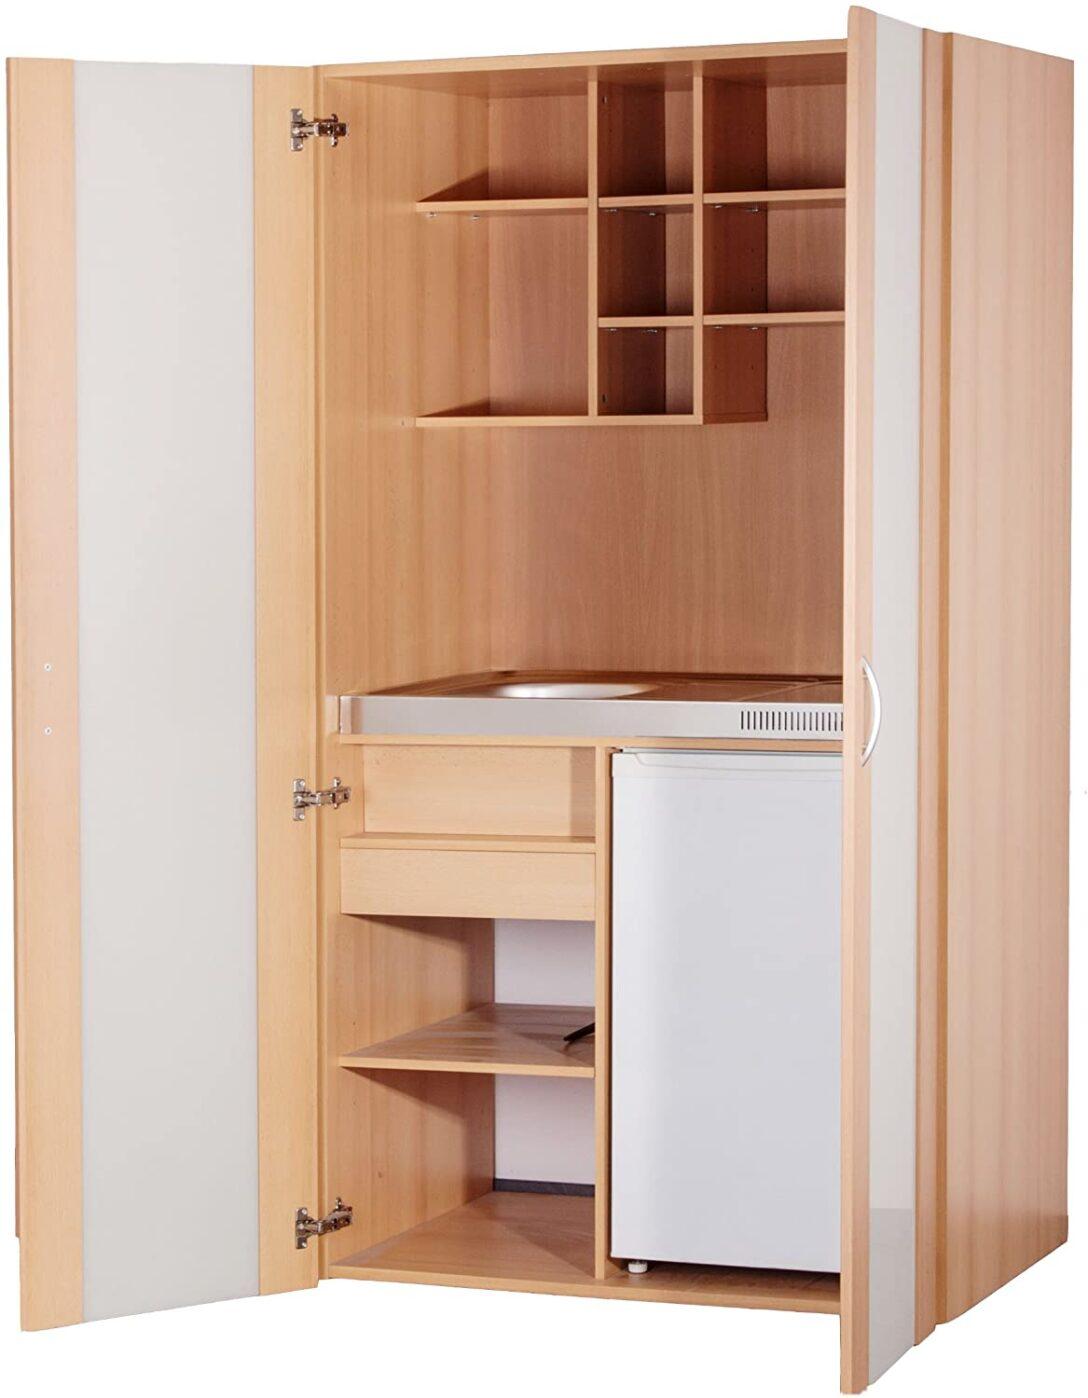 Large Size of Miniküchen Ikea Mk0009s Kche Küche Kosten Sofa Mit Schlaffunktion Modulküche Betten Bei Kaufen Miniküche 160x200 Wohnzimmer Miniküchen Ikea